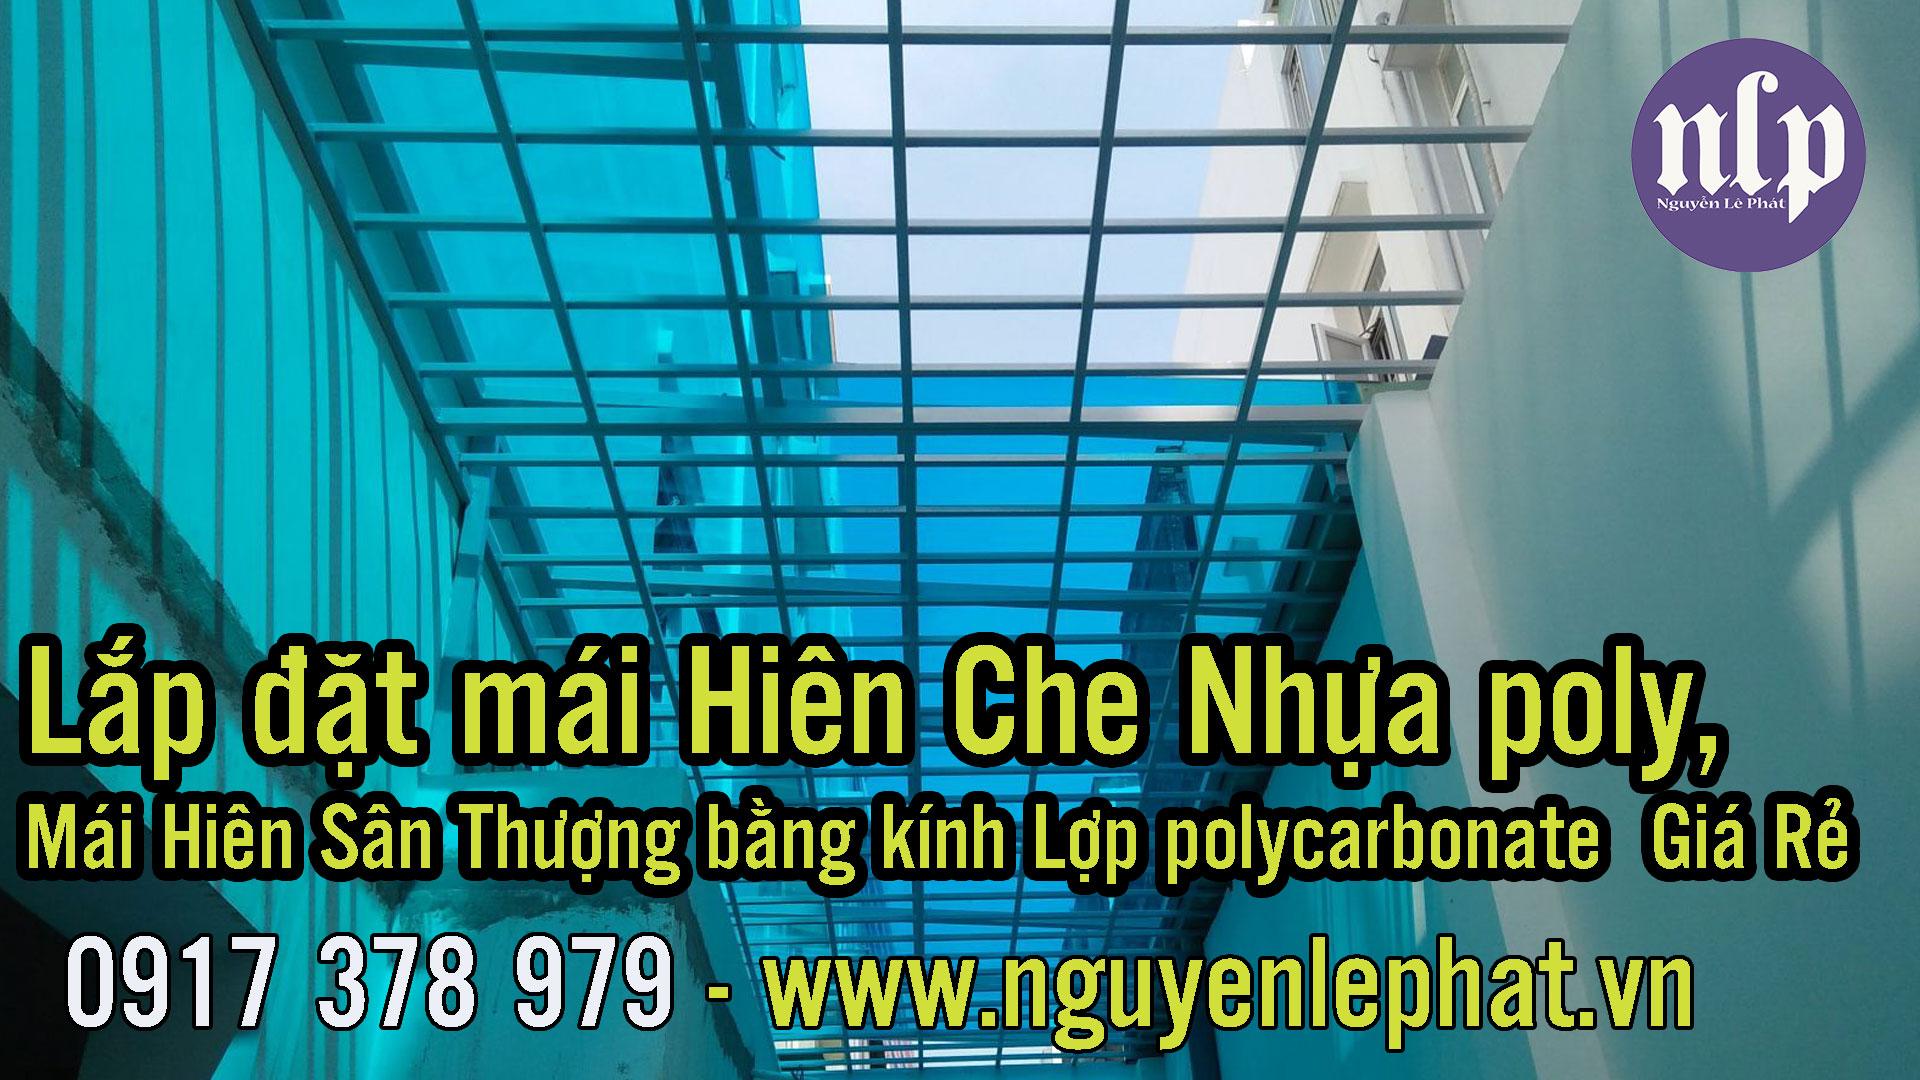 Nếu khách hàng có nhu cầu khi muốn lợp mái hiên mái che sân thượng tại TPHCM, mái hiên trước nhà bằng tấm nhựa poly lấy sáng đẹp sang trọng thì có thể liên hệ ngay cho đơn vị thi công mái che poly Nguyễn Lê Phát.